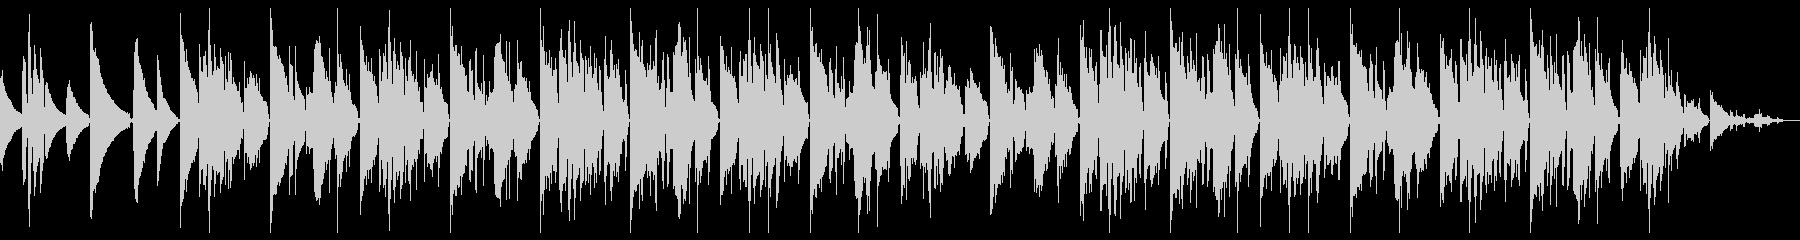 ネオソウルギターとサックスのチルホップの未再生の波形